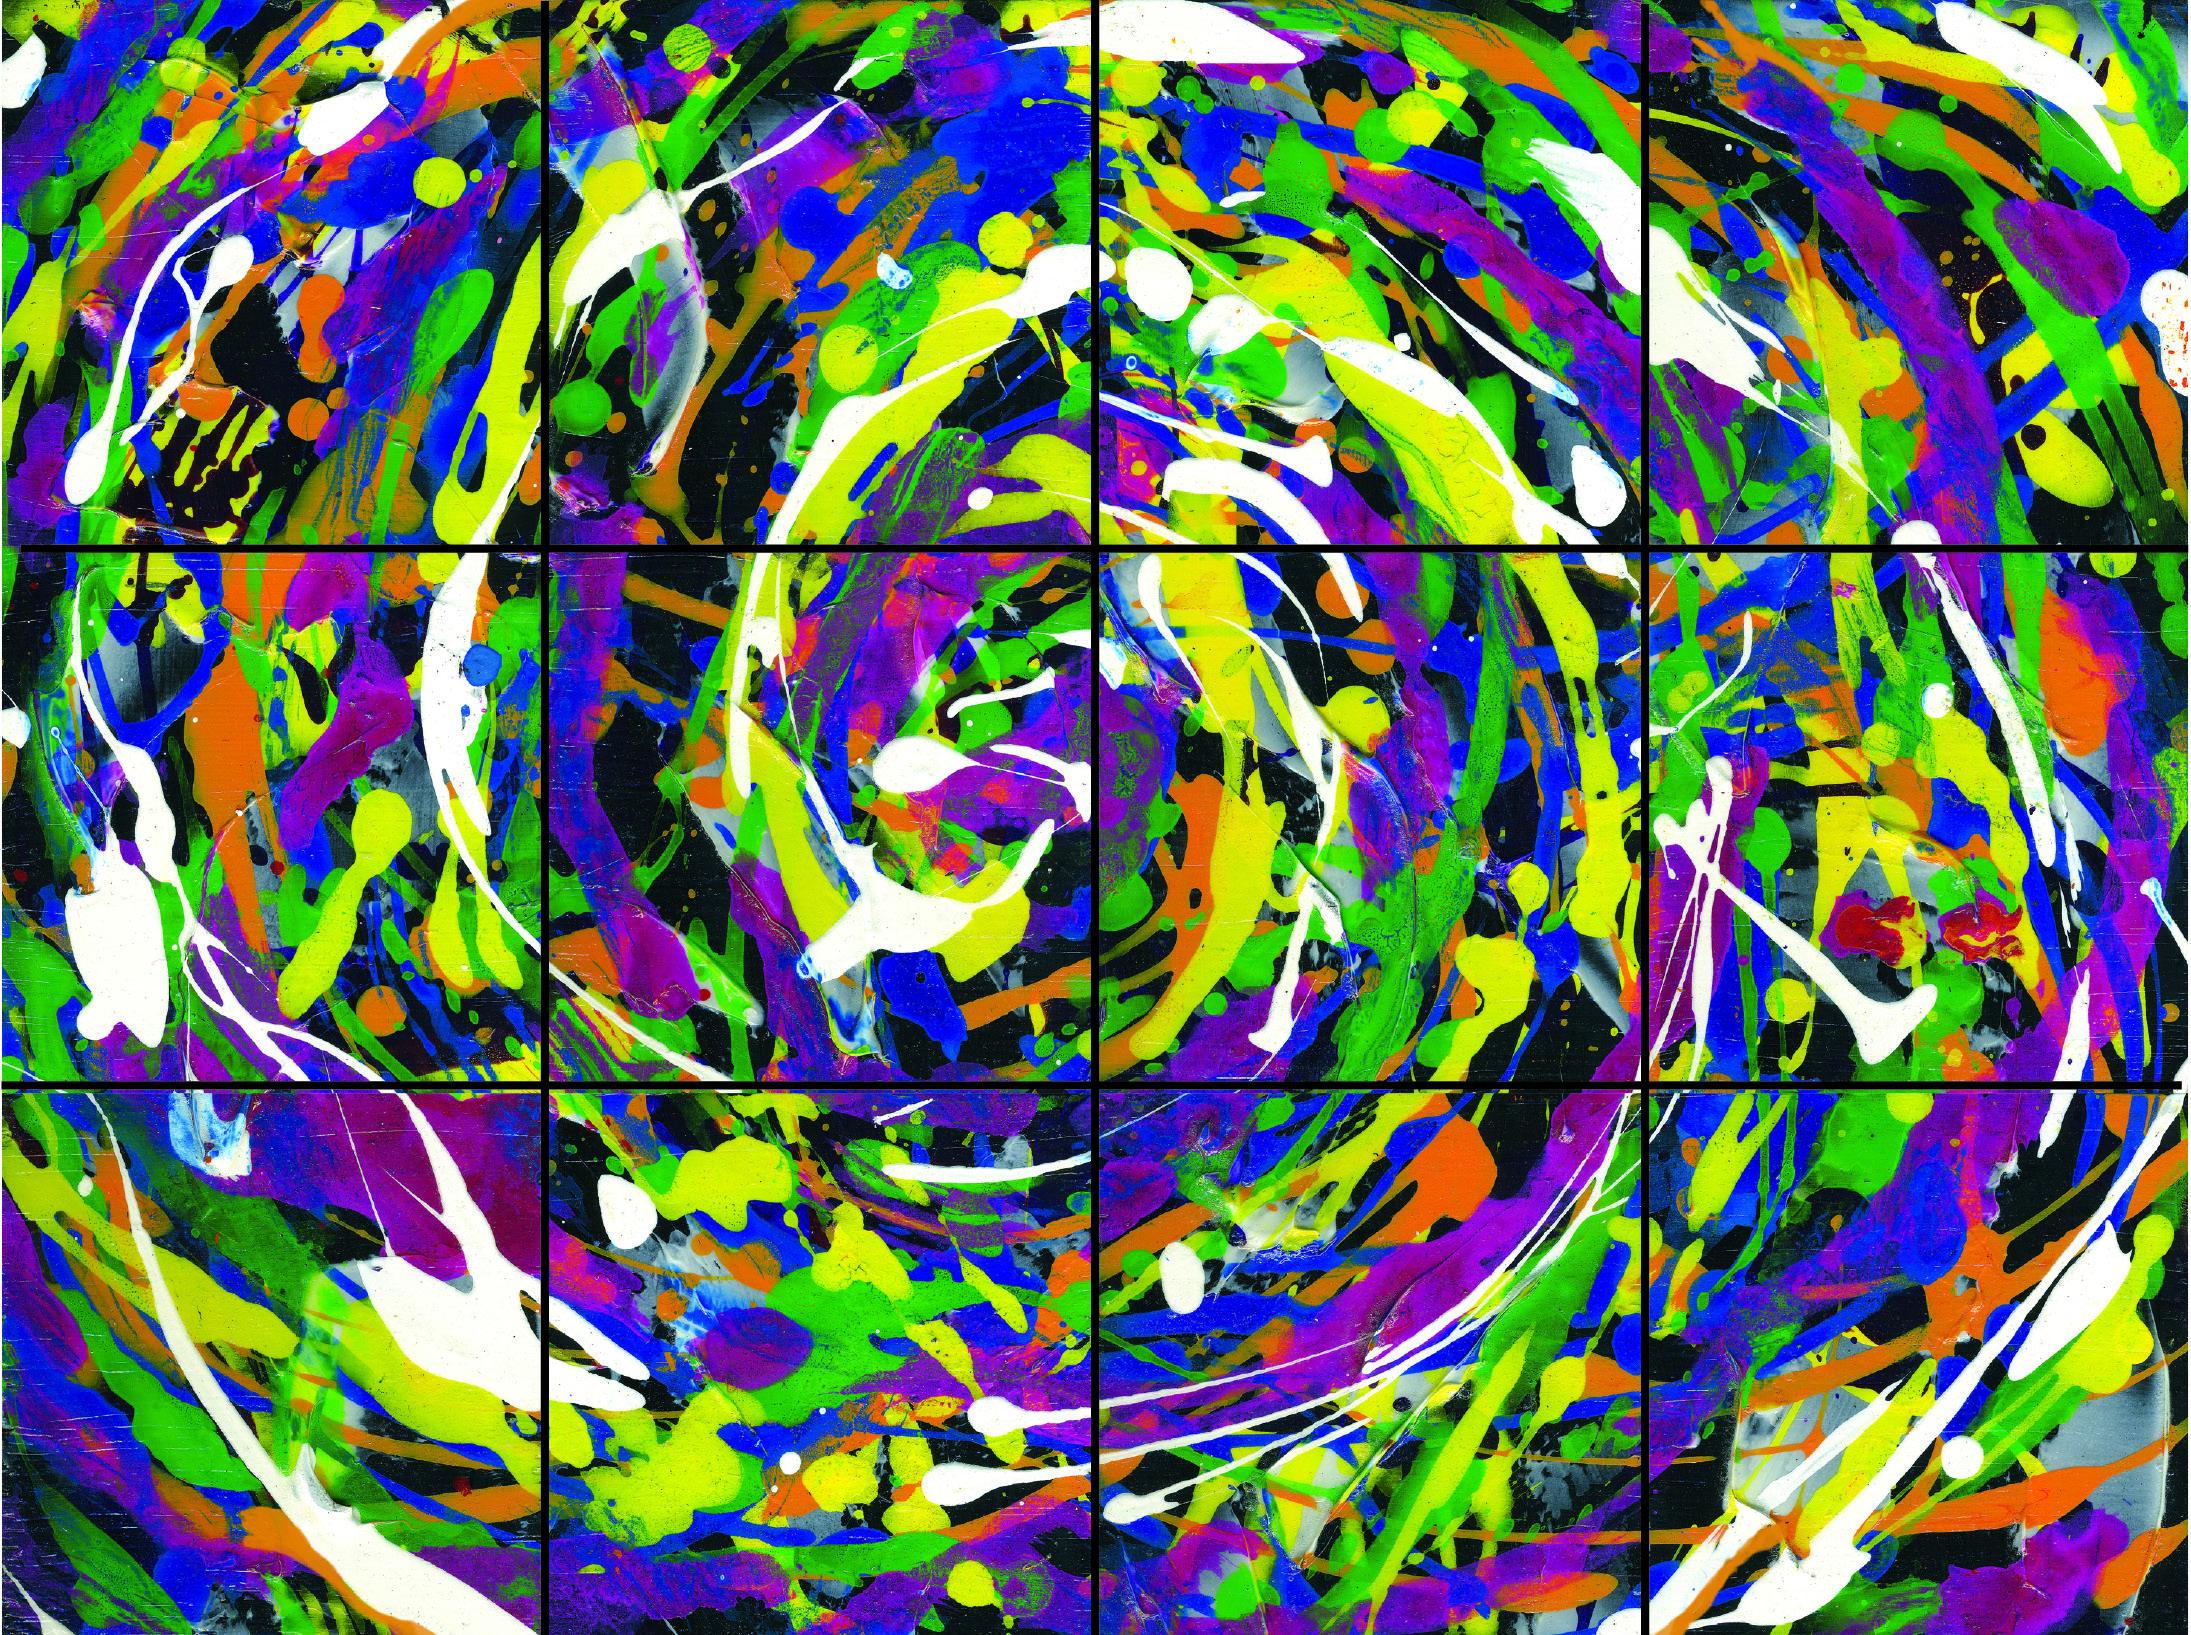 PAWW07 - WallWorks Yellow Swirl with Black 300dpi 2015